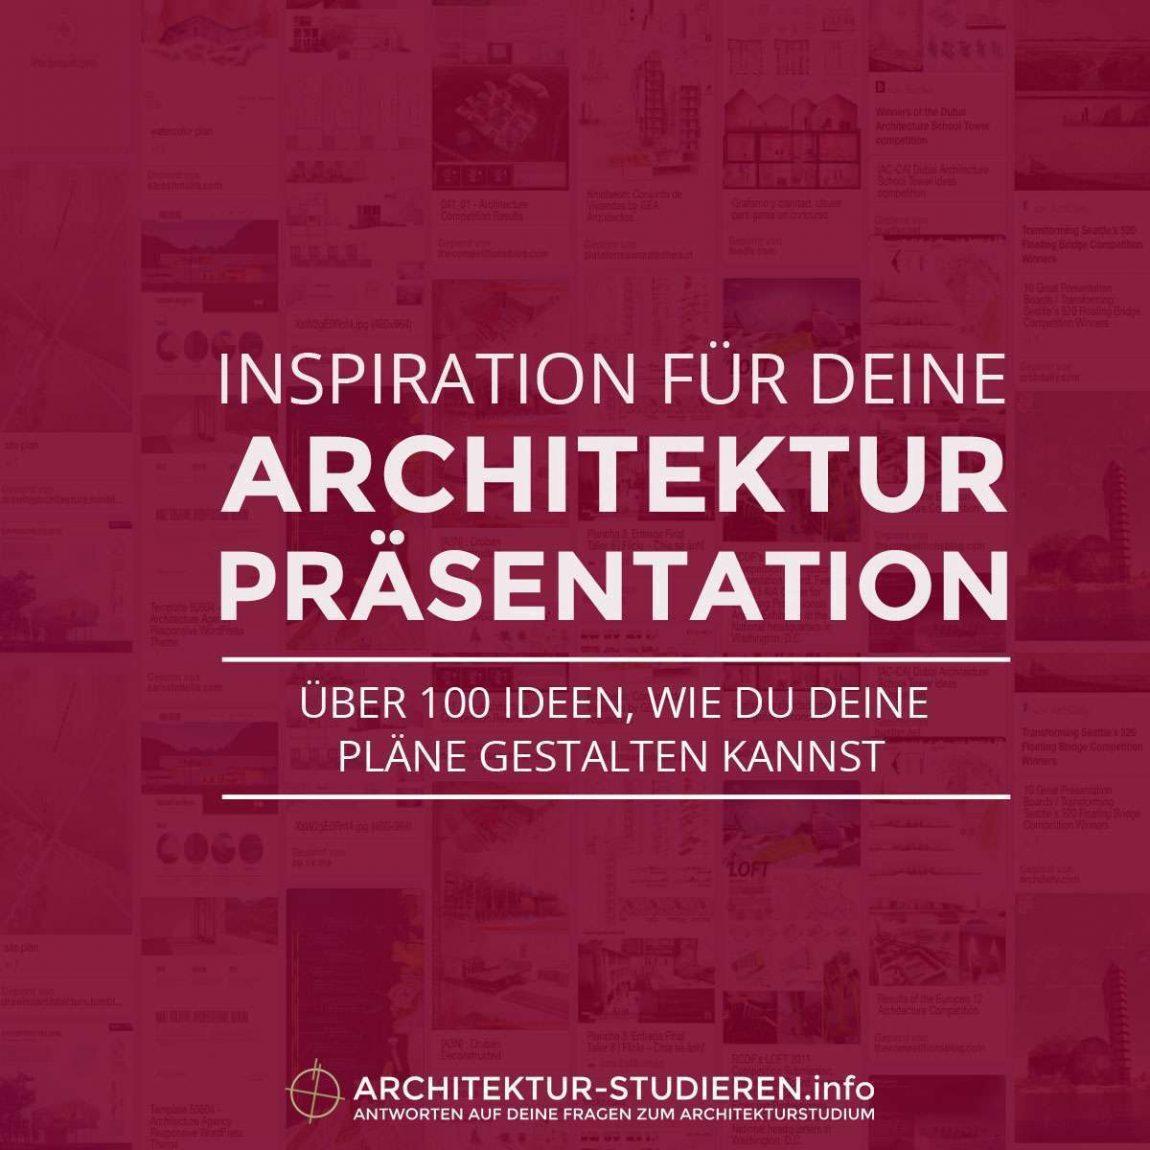 Inspiration für deine Architektur-Präsentation | Über 100 Ideen | © Architektur-studieren.info